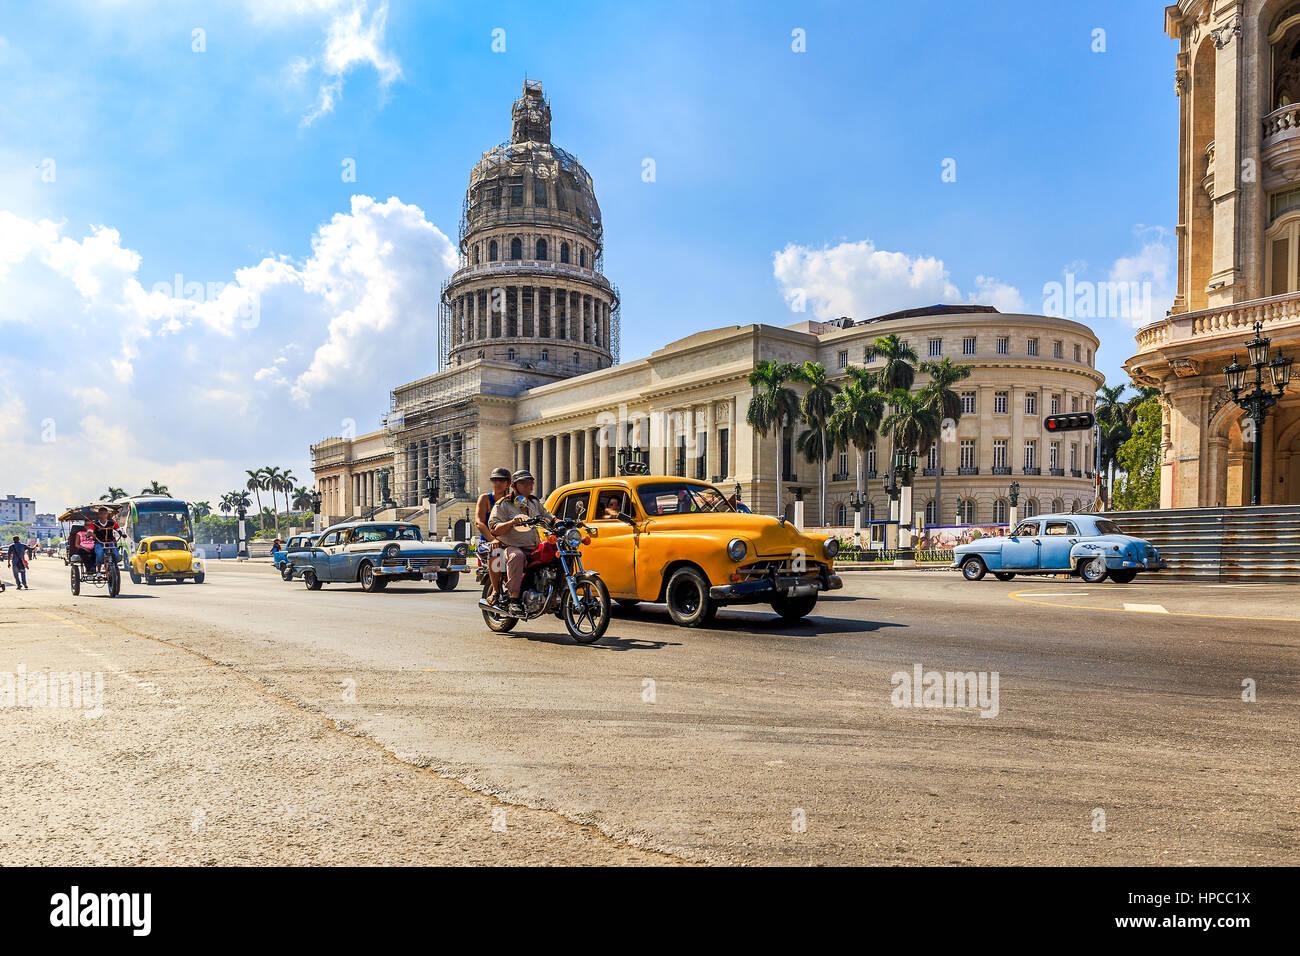 Oldtimer vor dem Capitolio Havanna, die Hauptstadt von Kuba Stockbild